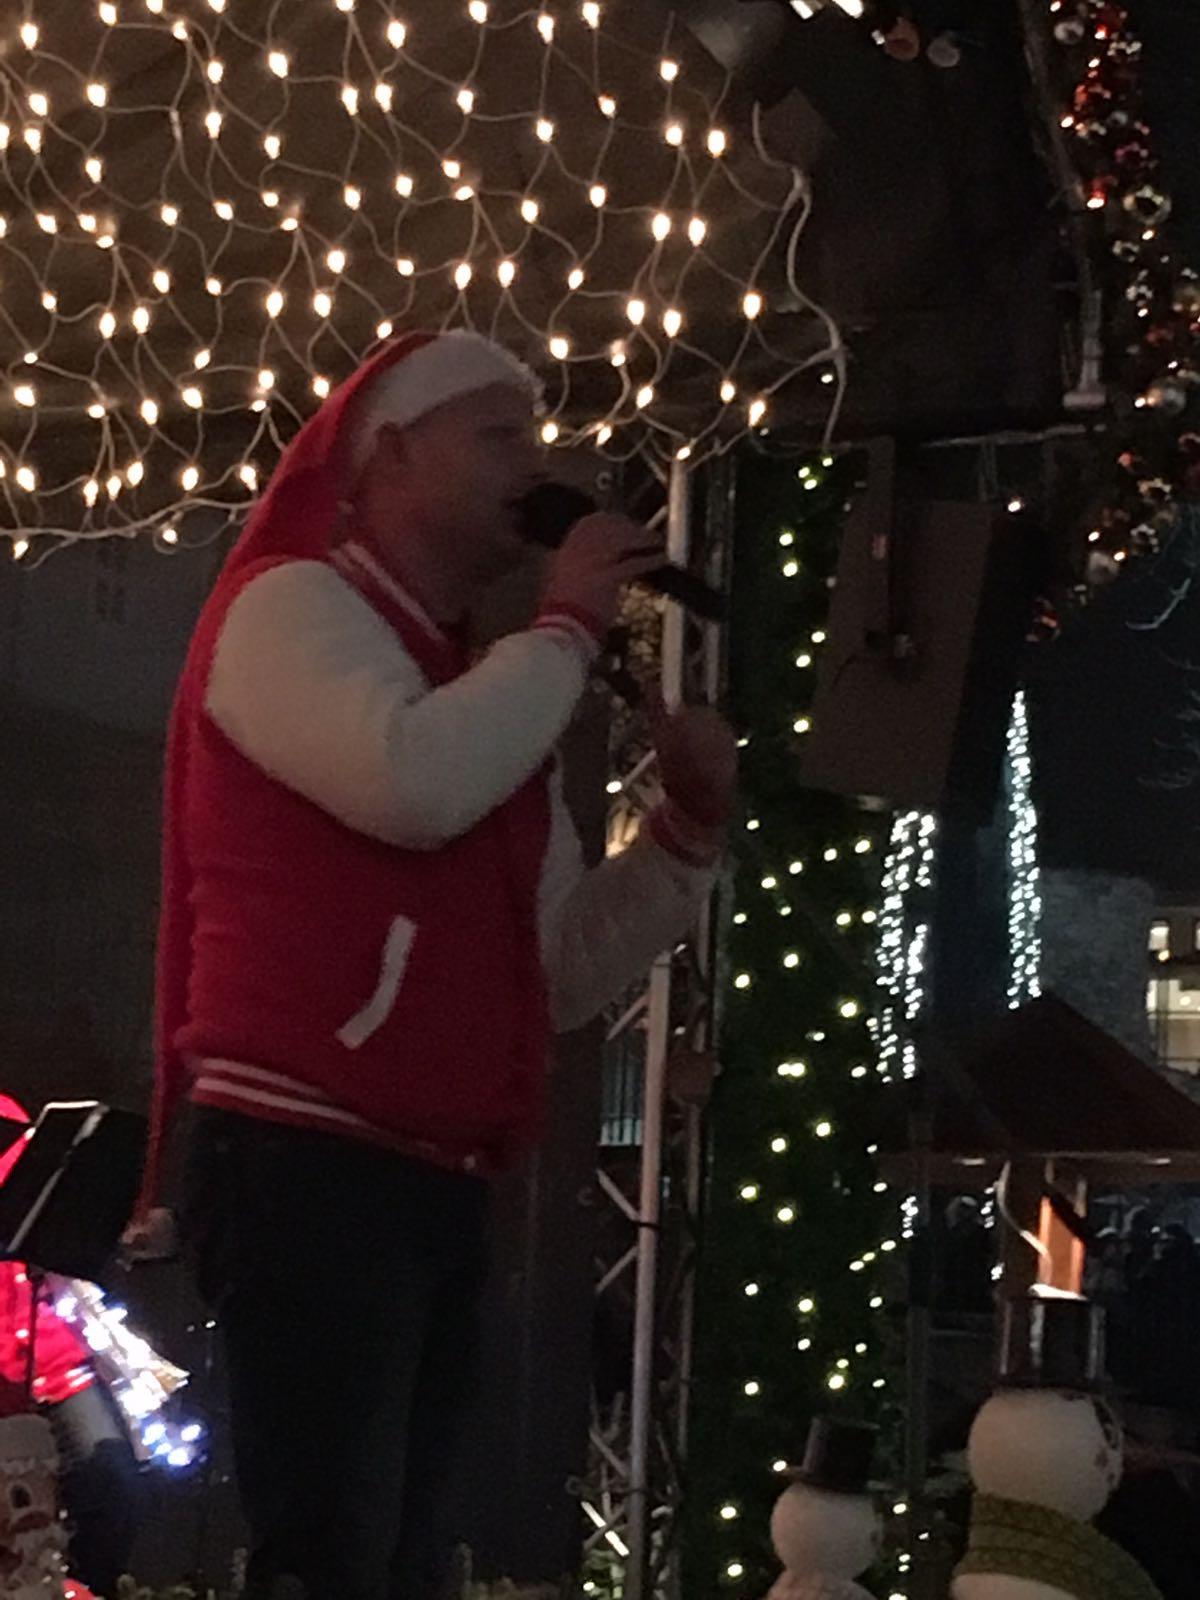 image 55 - Weihnachtsfeier der Schalmeien BigBand Ingersleben